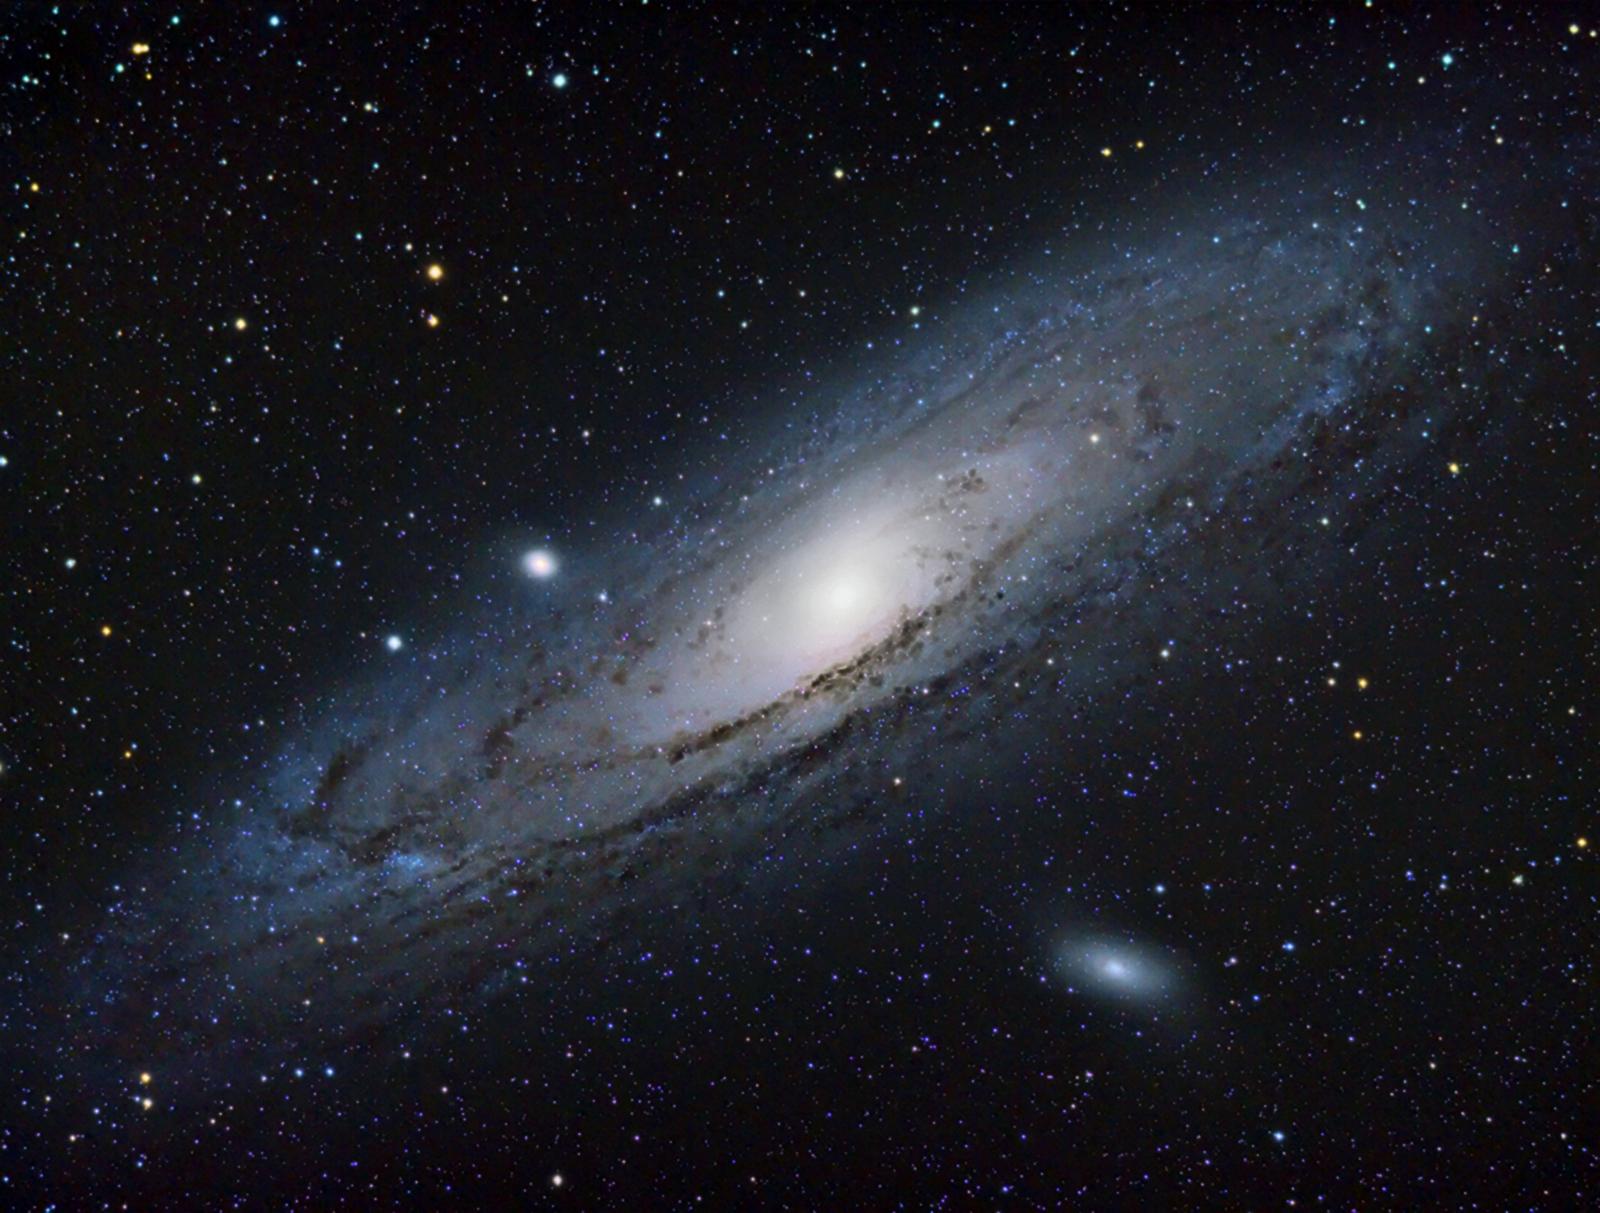 120 mm reflector andromeda galaxy - photo #26